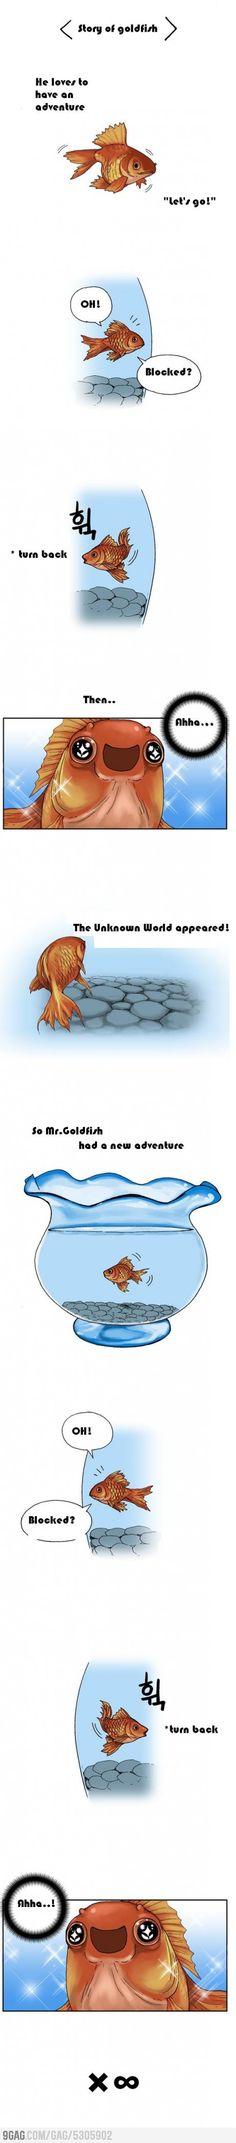 Mr. Goldfish is always happy